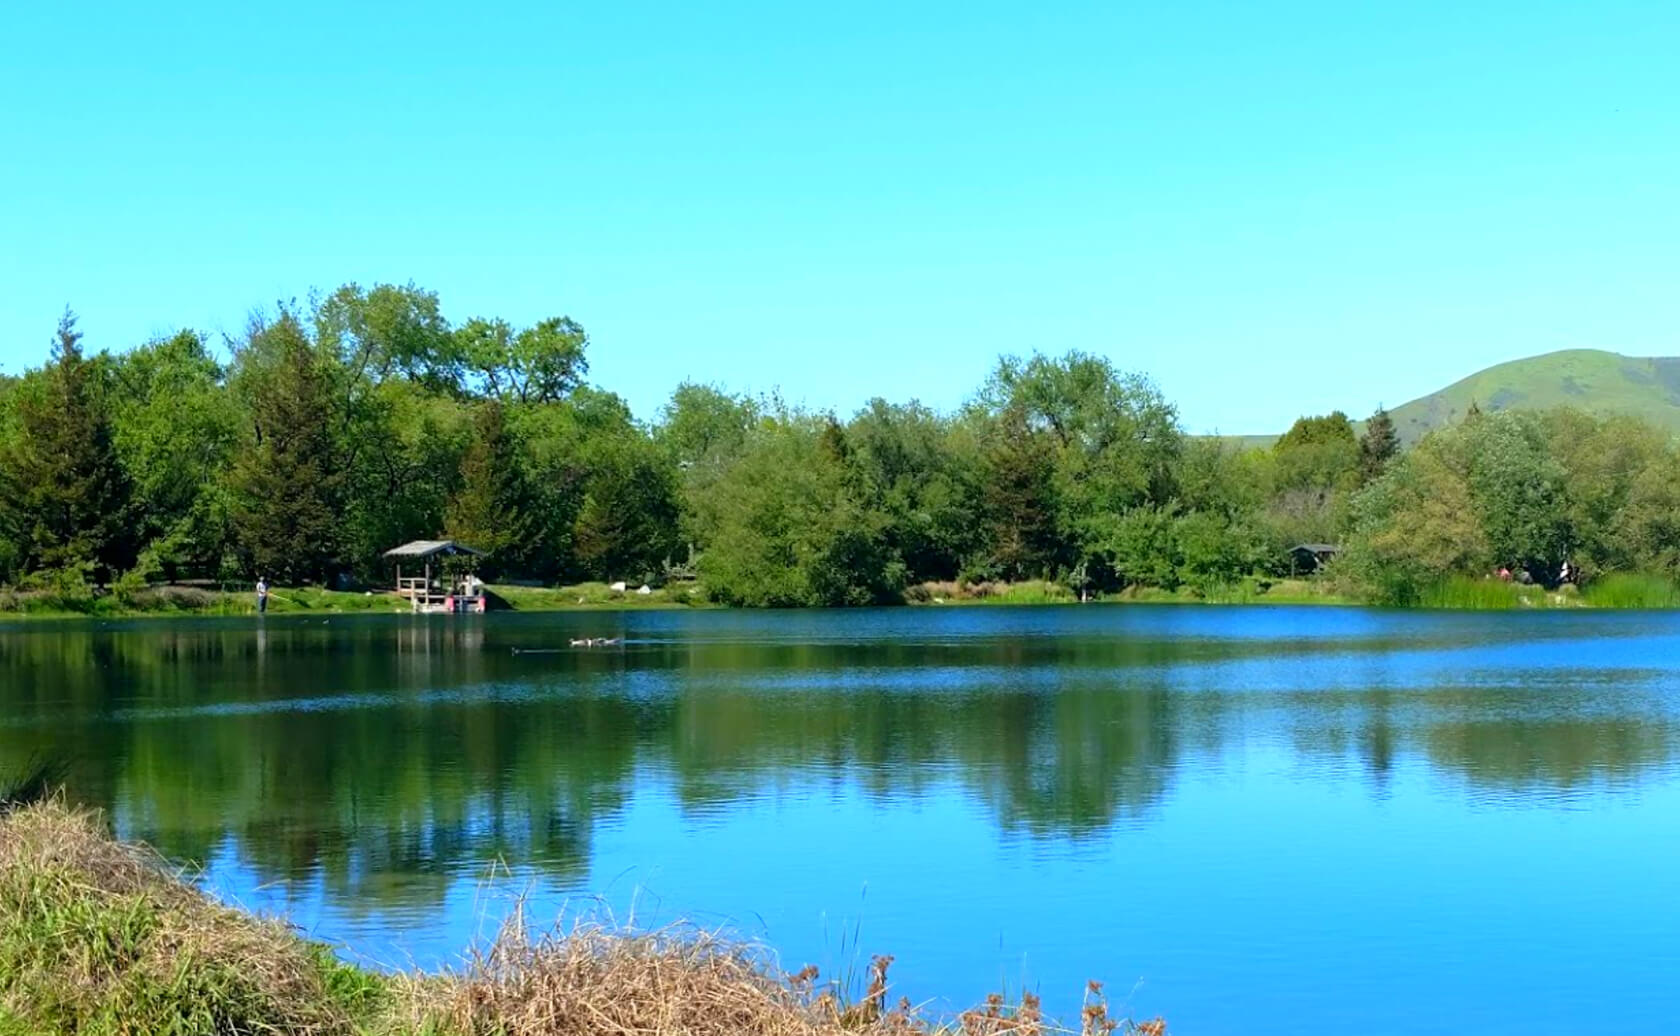 McAlpine-Lake-fishing-guide-report-San-Juan-Bautista-ca-05